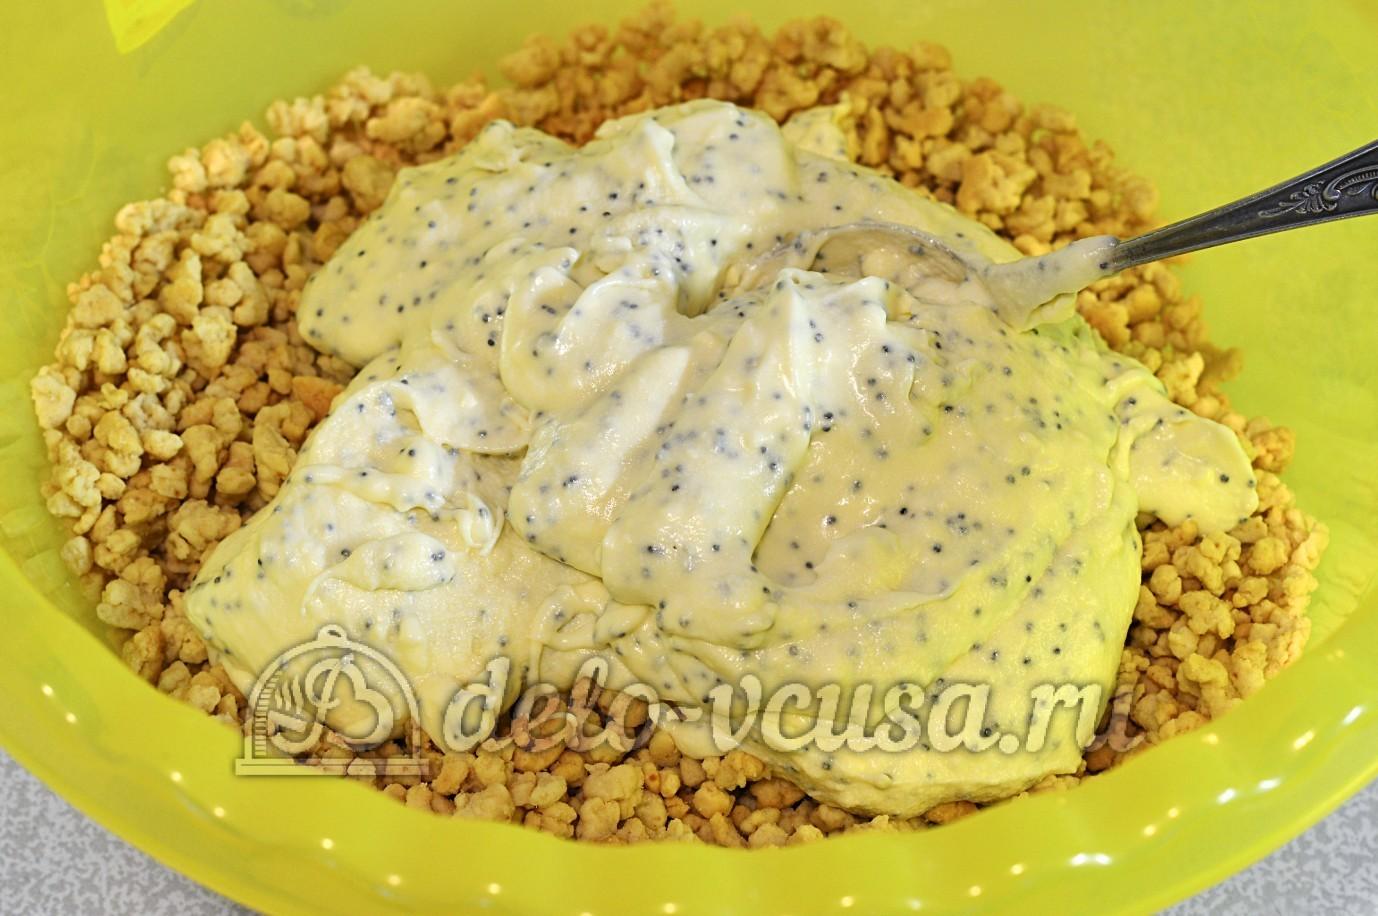 Торт муравейник рецепт с фото пошагово классический рецепт